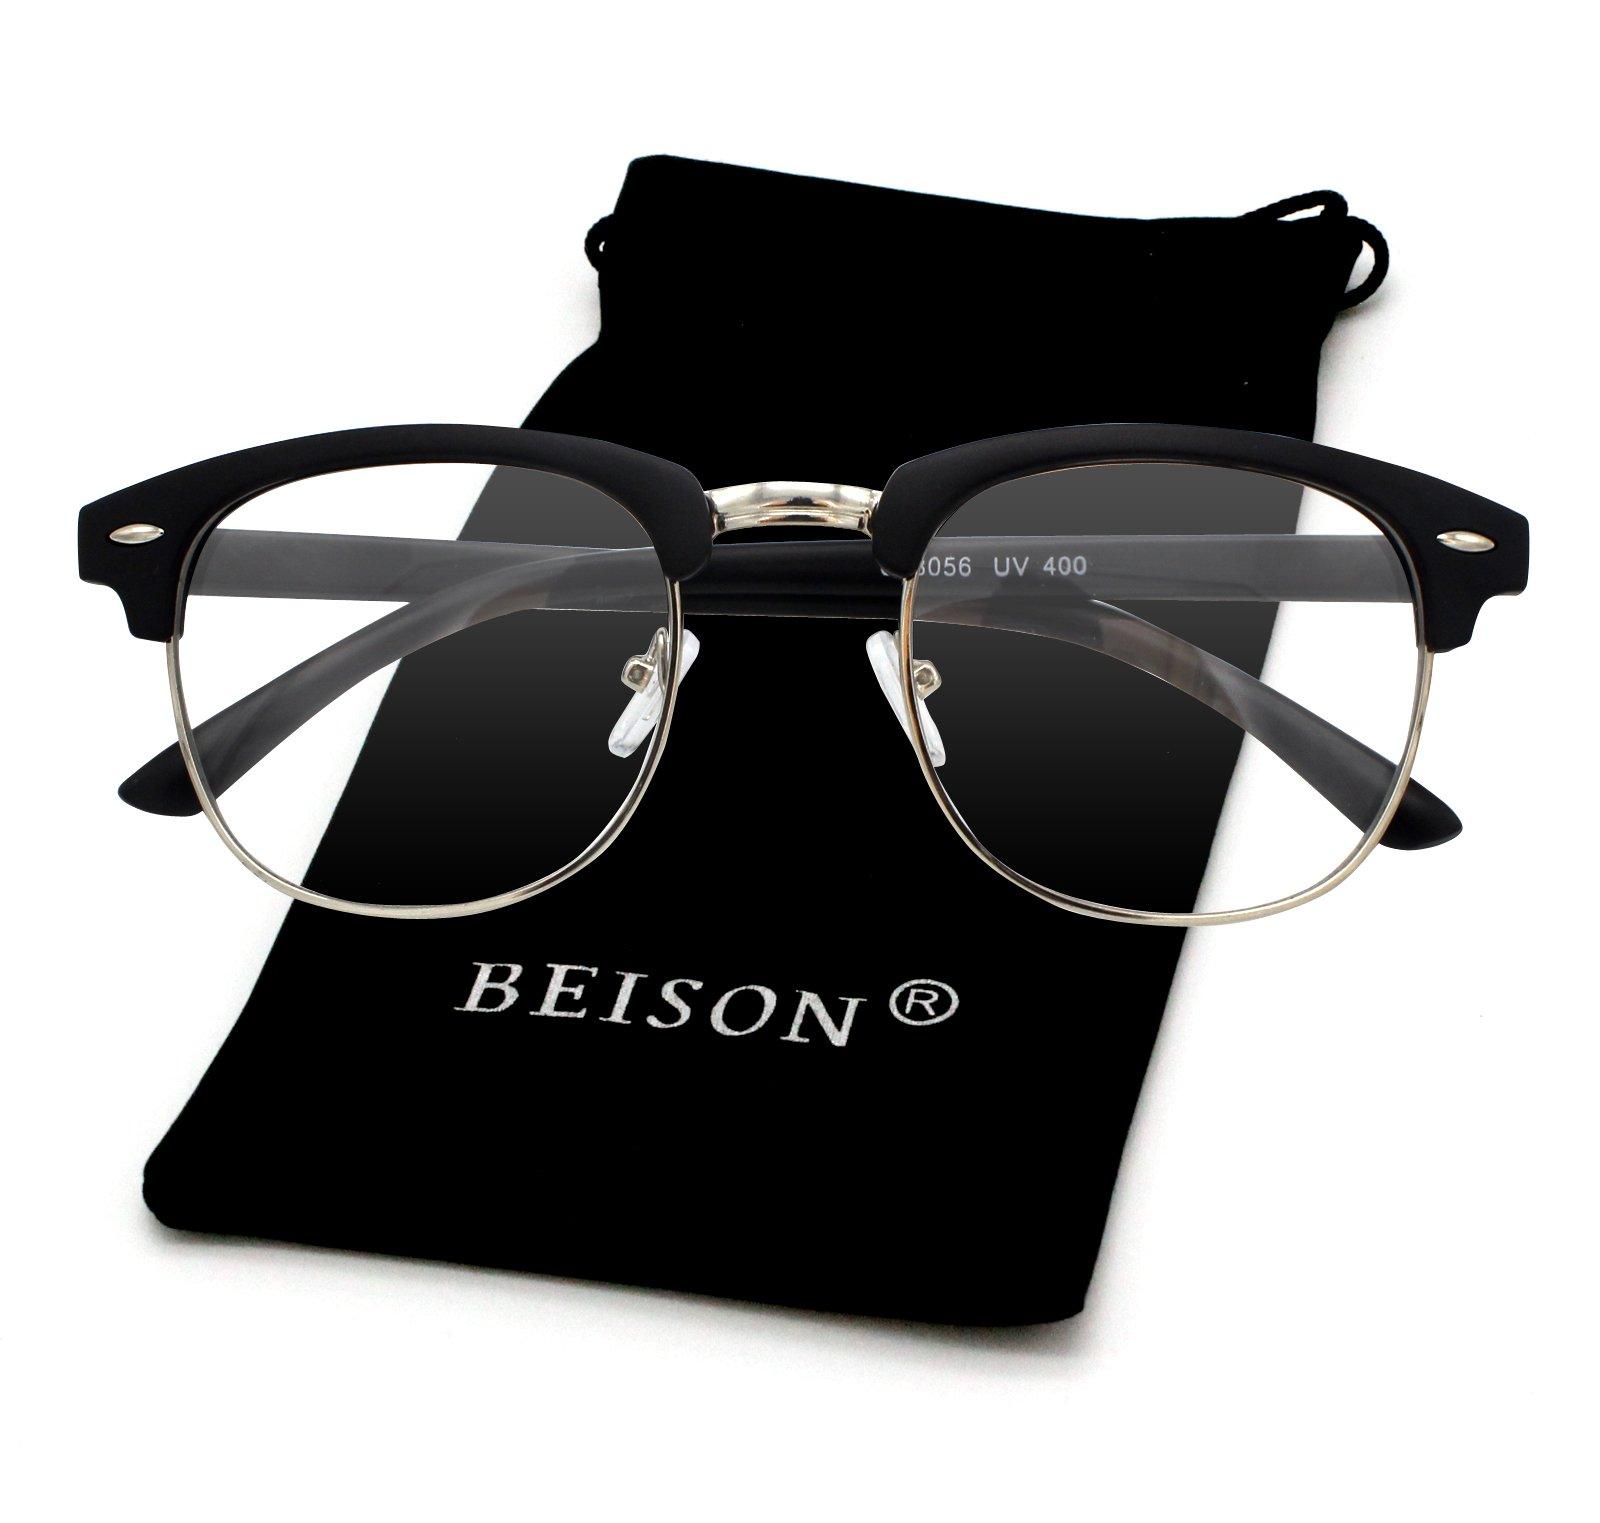 Beison Womens Mens Horned Rim Wayfarer Glasses Frame Nerd Eyeglasses (Matte black / Silver, 50mm)